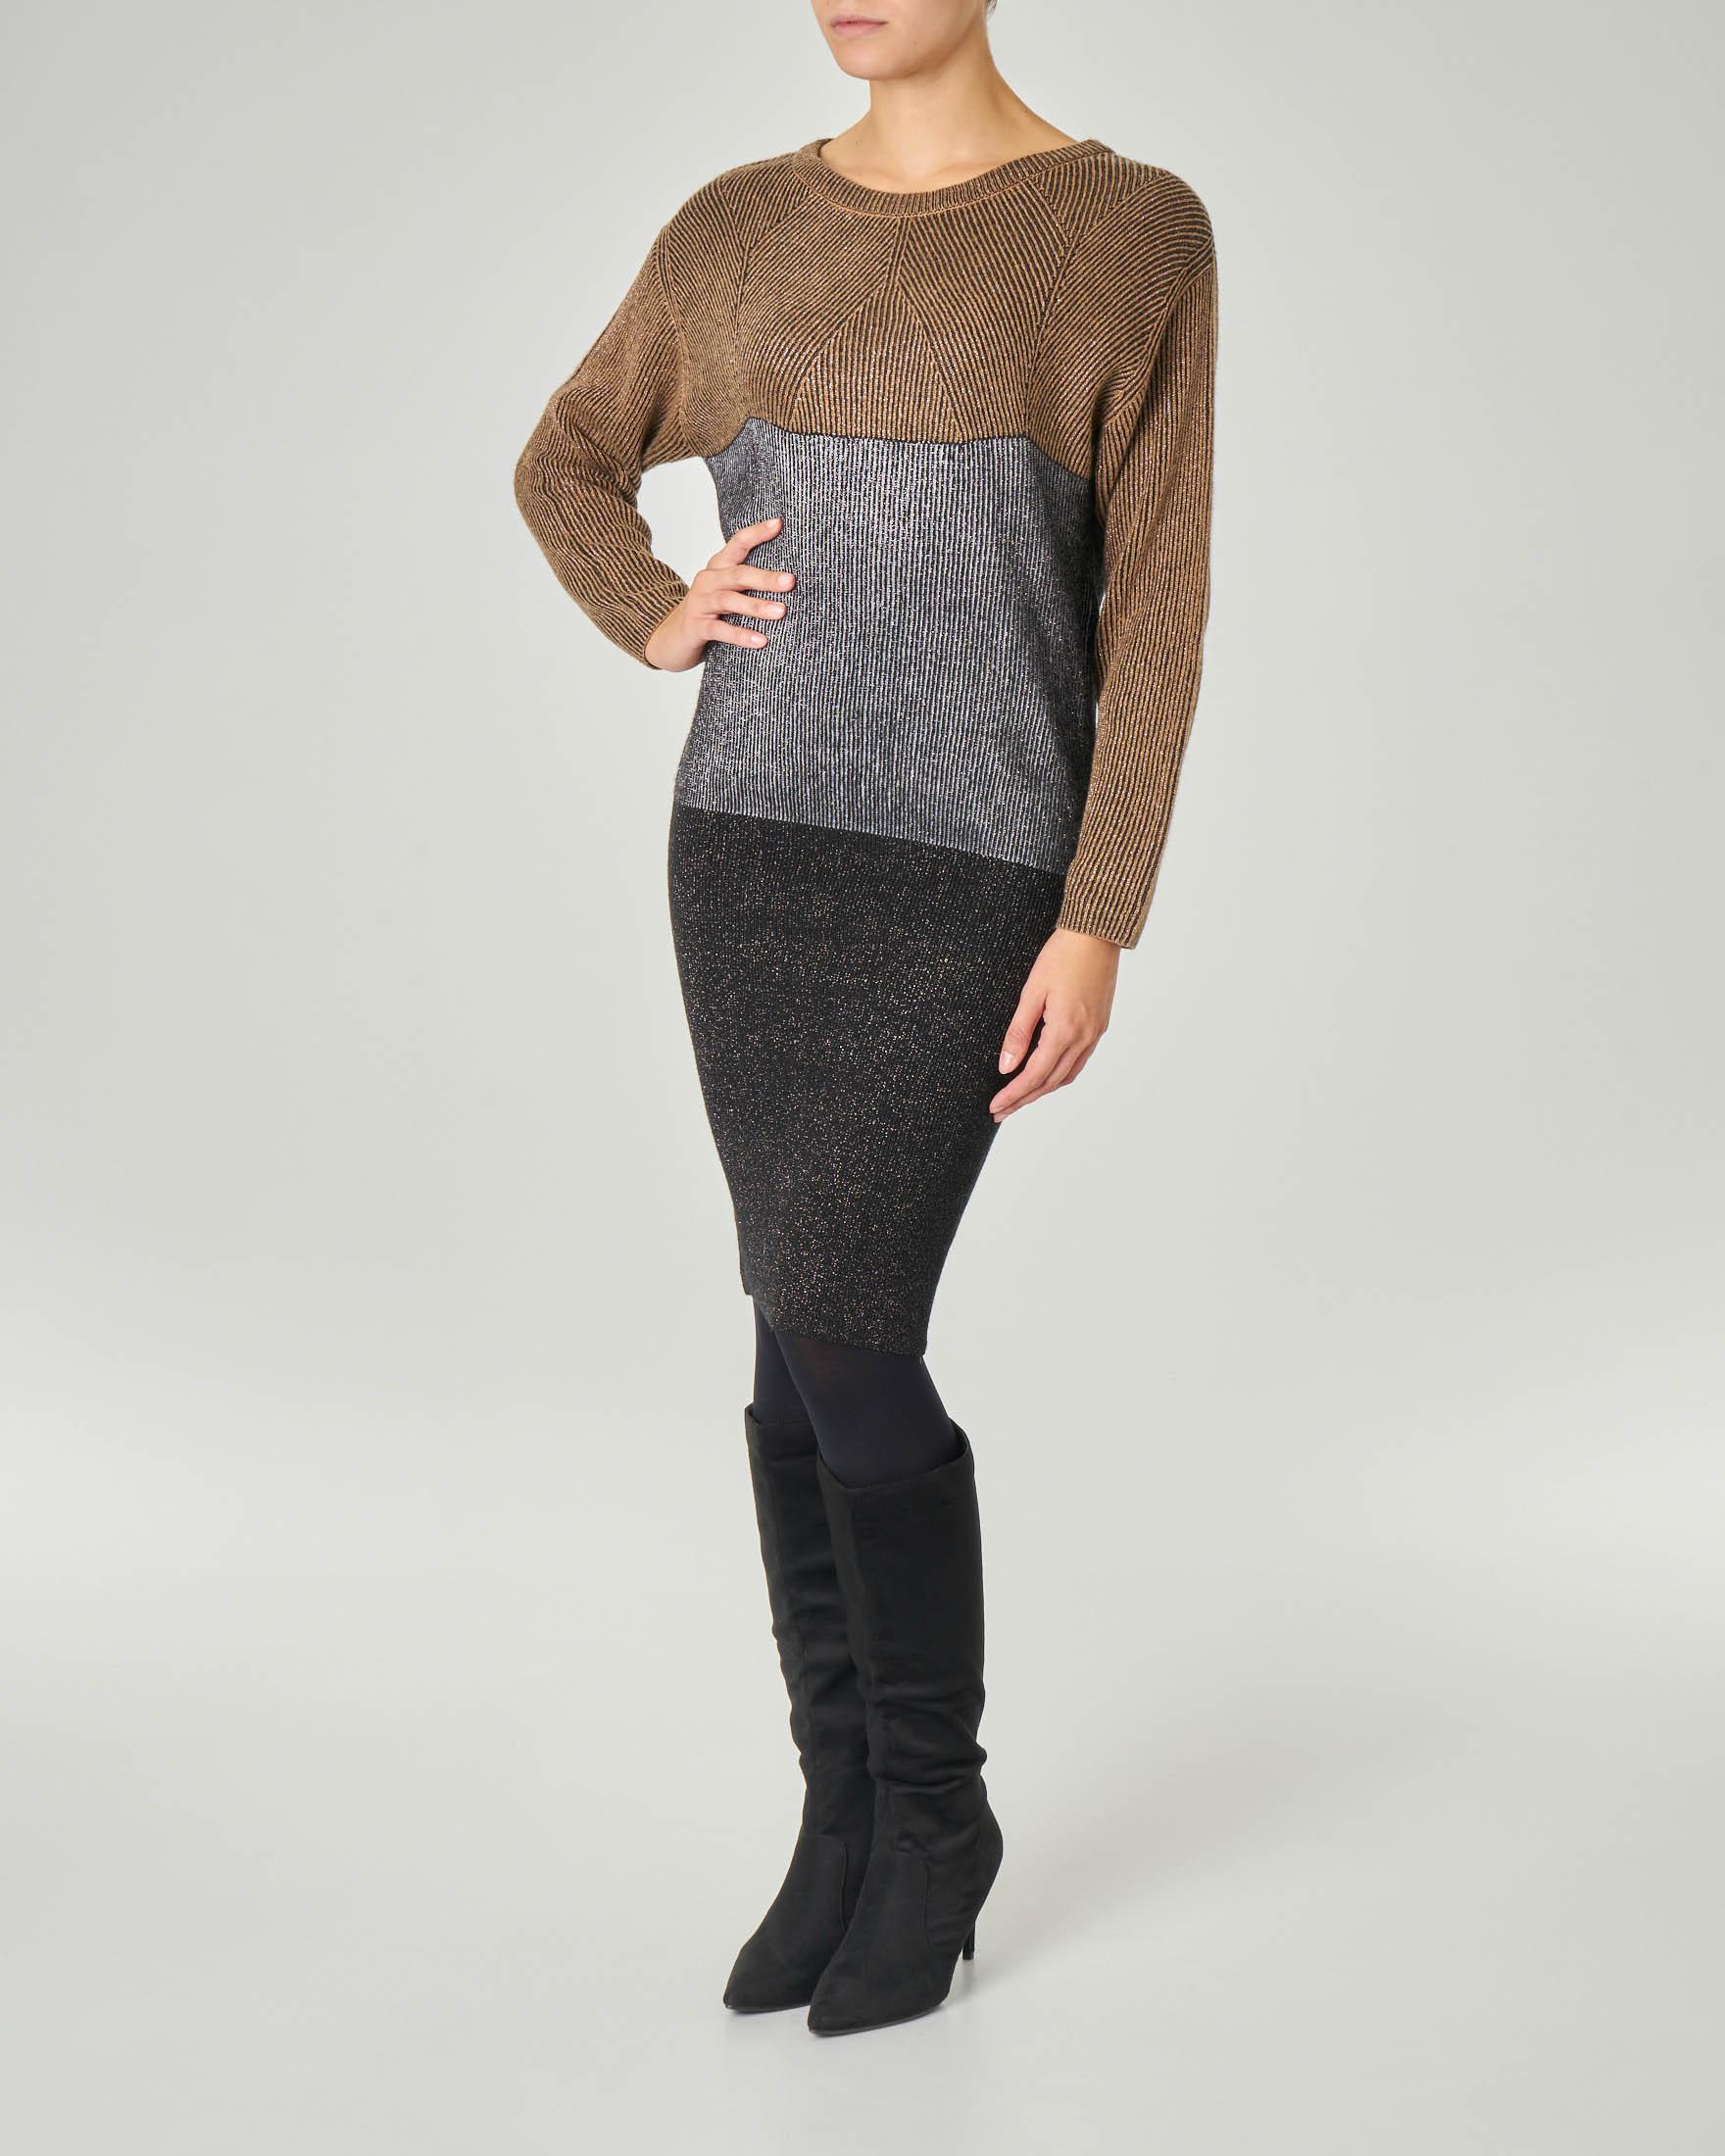 Abito in maglia con maniche a pipistrello in viscosa misto lana con inserti in lurex a blocchi di colore